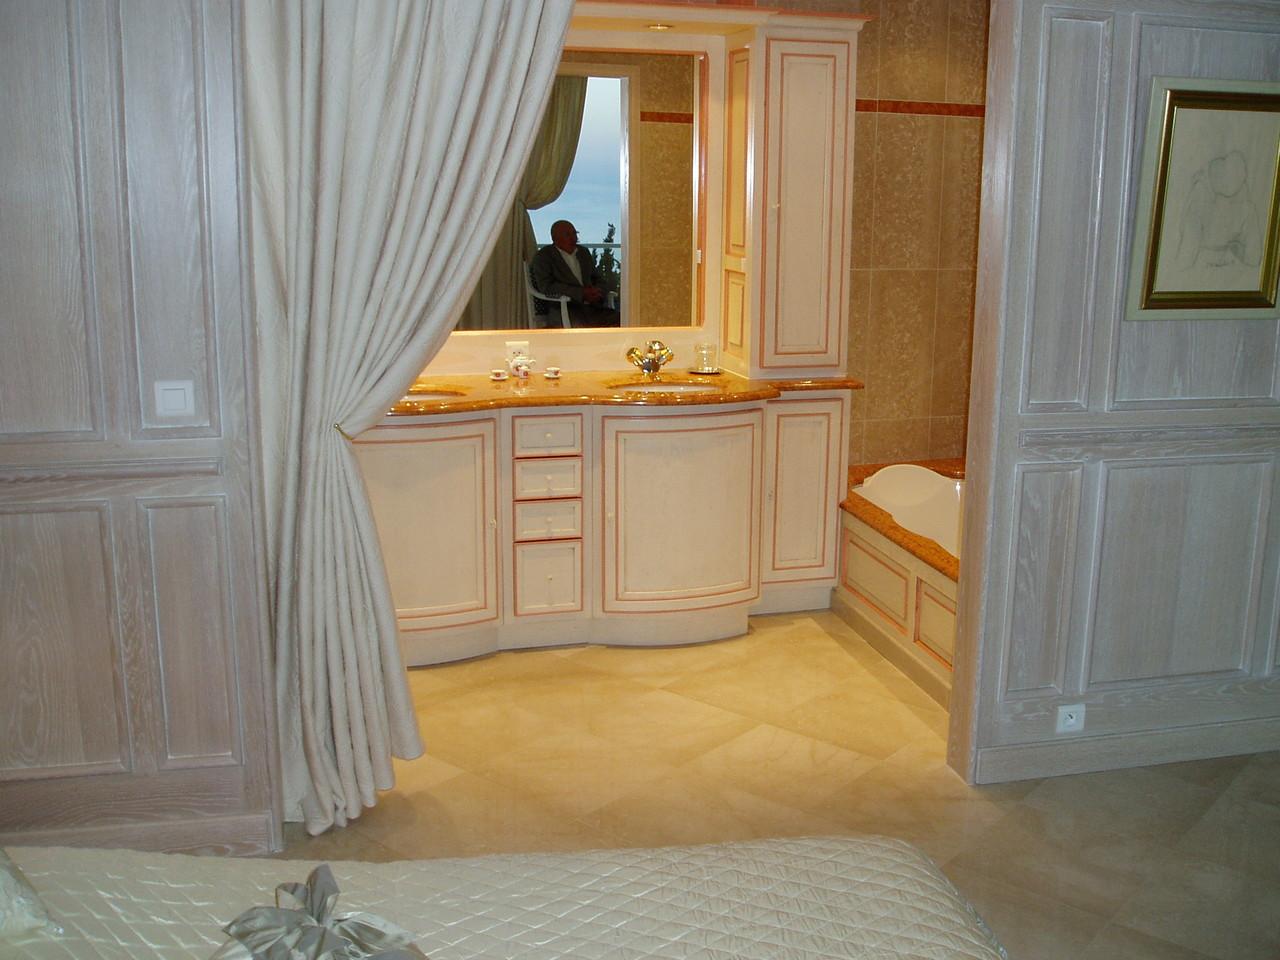 Baignoire Salle De Bain Tablier : Plan vasque de salle de bain, tablier de baignoire, receveur de douche …